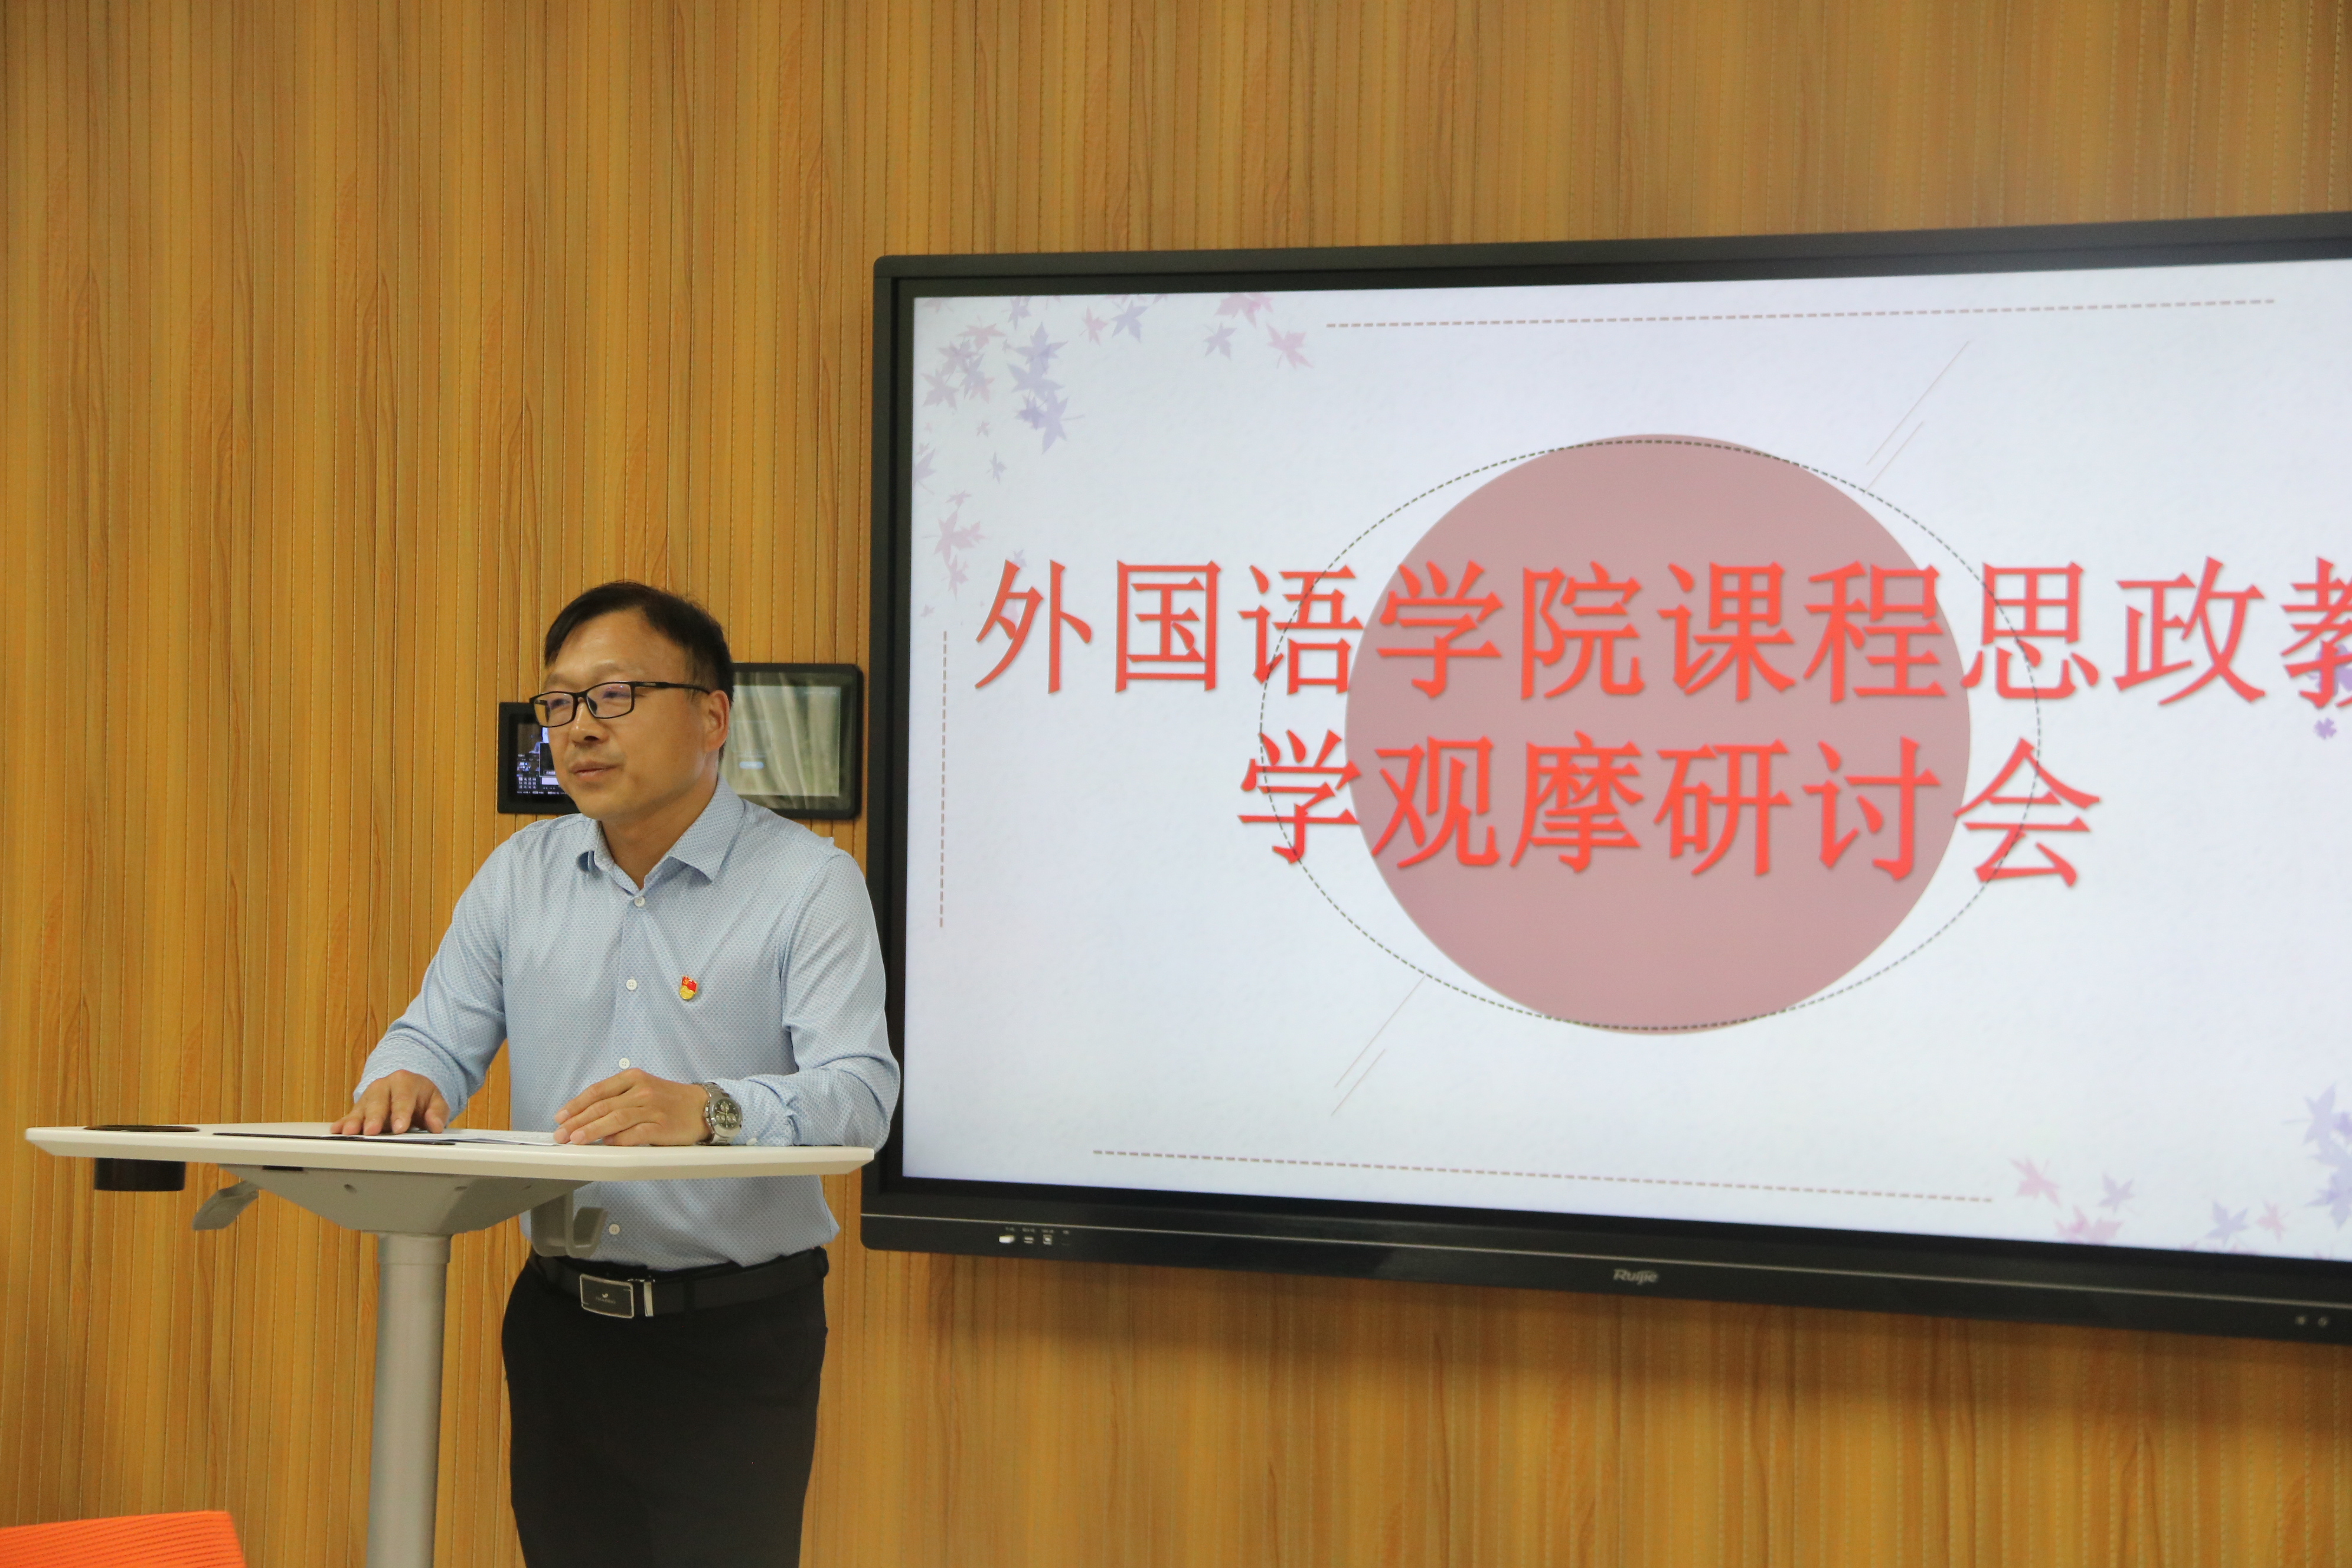 外国语学院教工党支部课程思政建设观摩研讨会